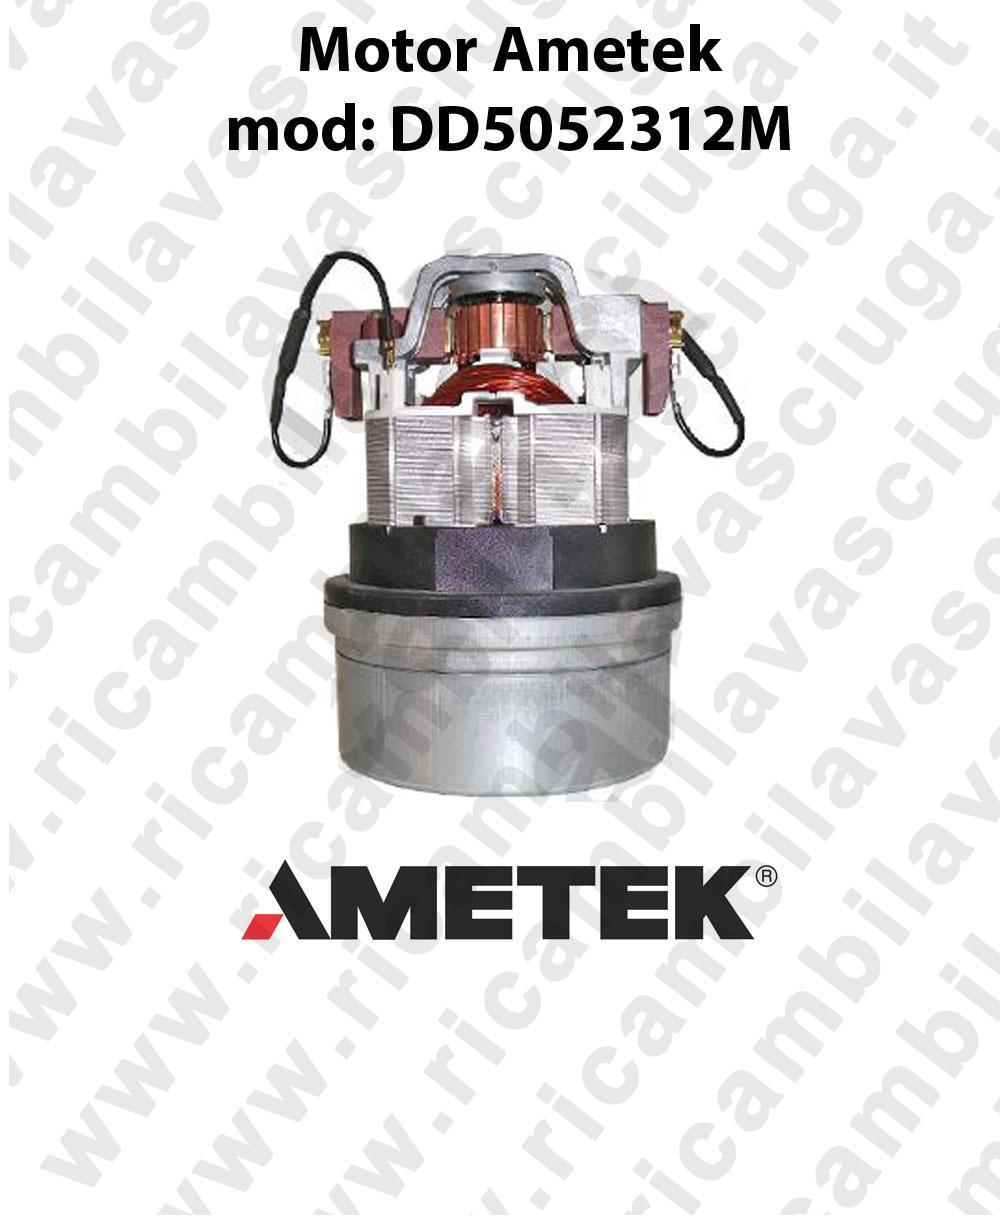 MOTEUR ASPIRATION mod. DD5052312M AMETEK pour aspirateur et autolaveuses